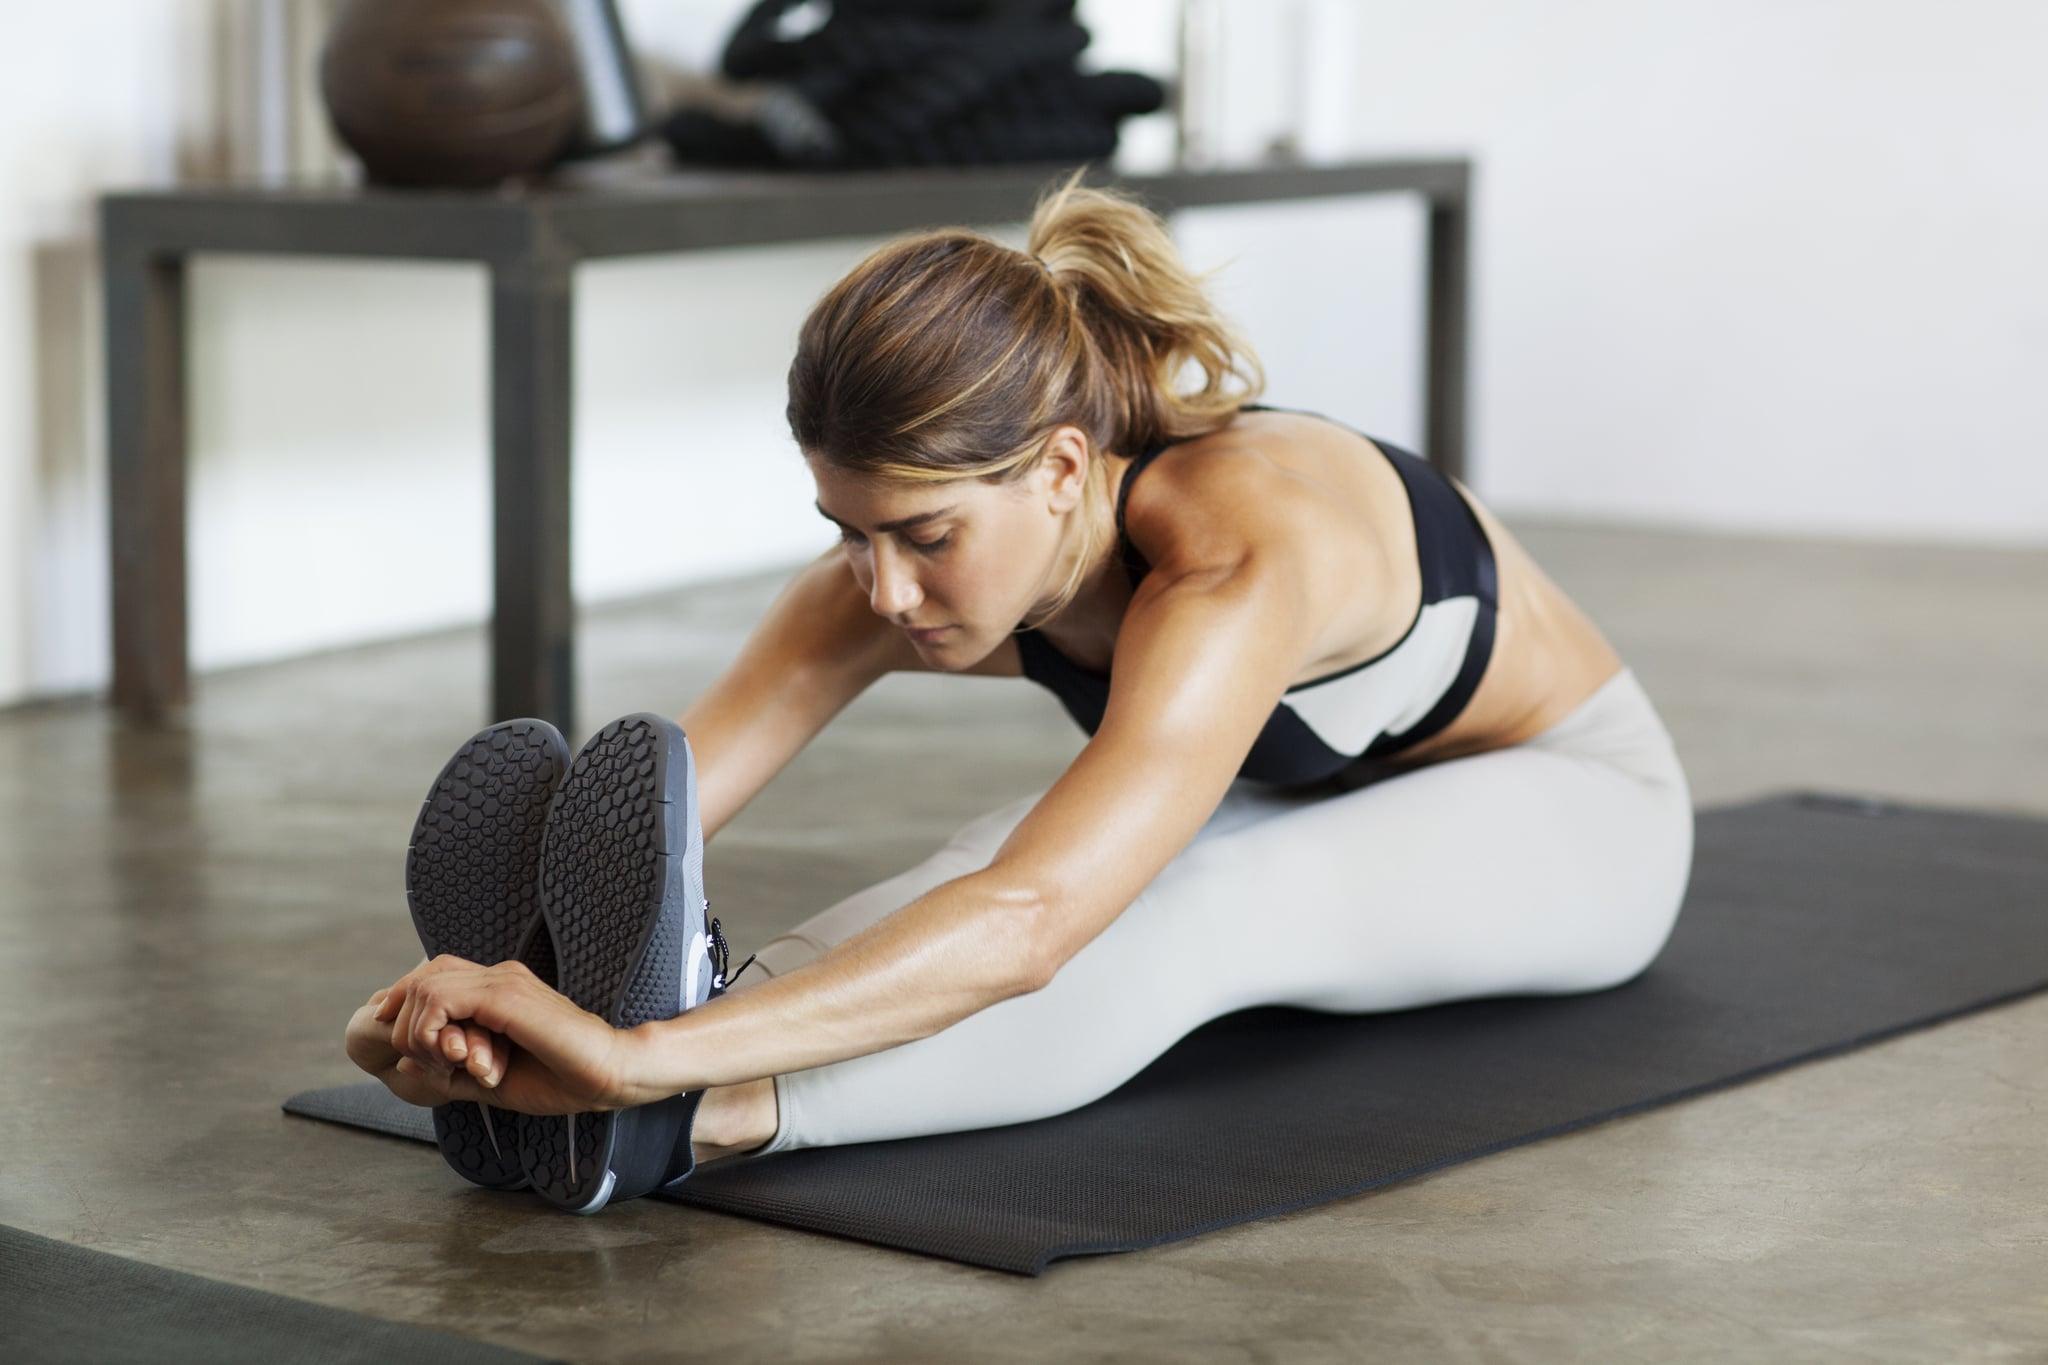 Какие упражнения можно делать при варикозе на ногах, а какие противопоказаны?